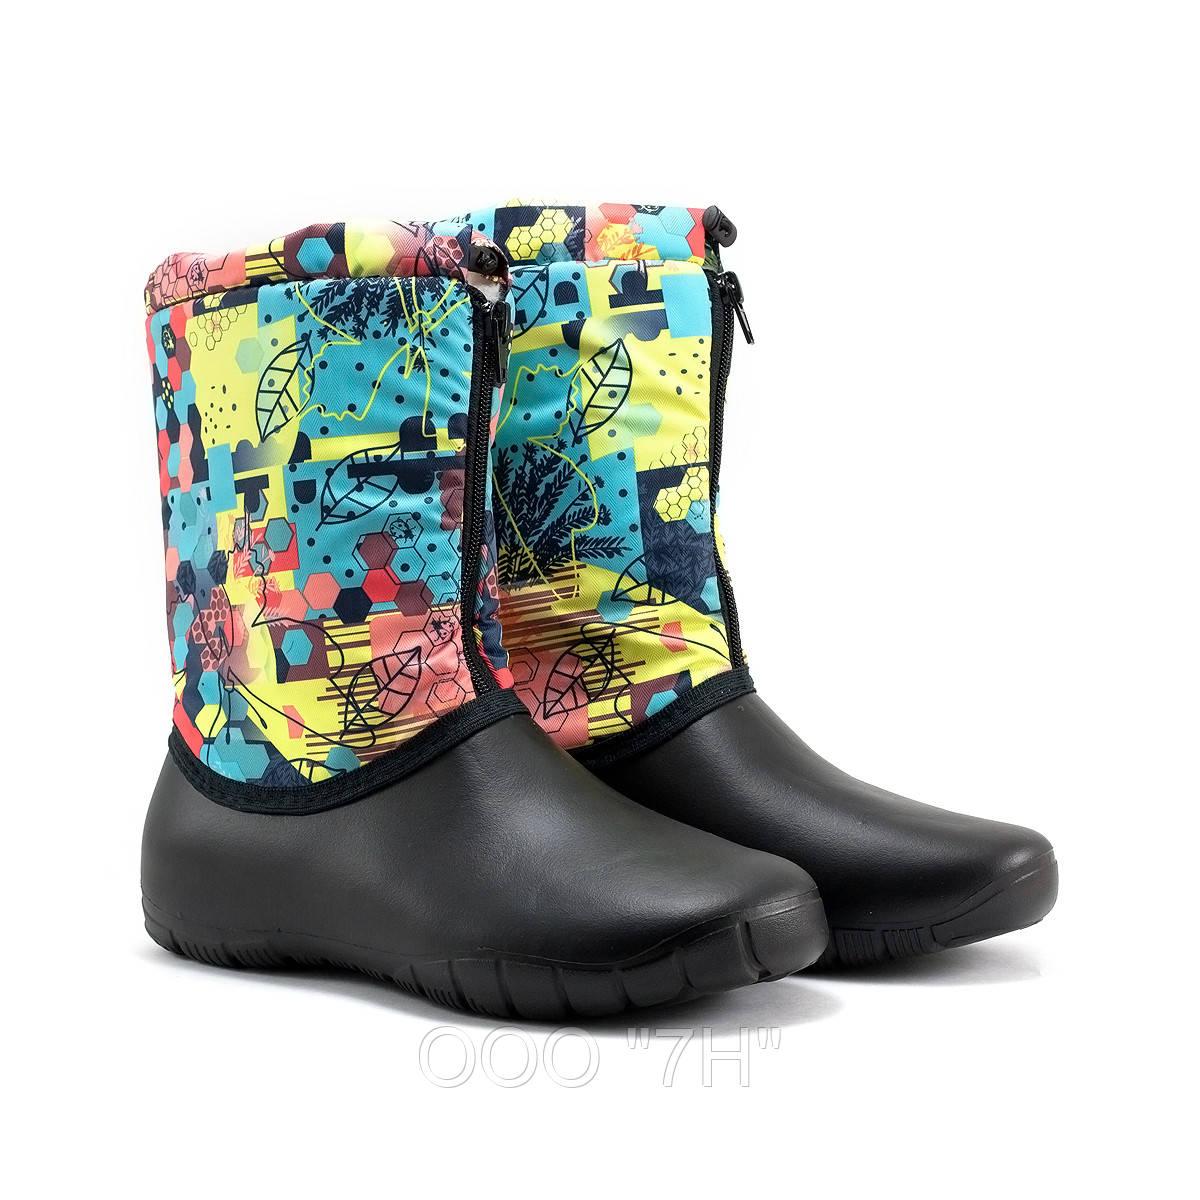 Ботинки женские утеплённые «Арт»